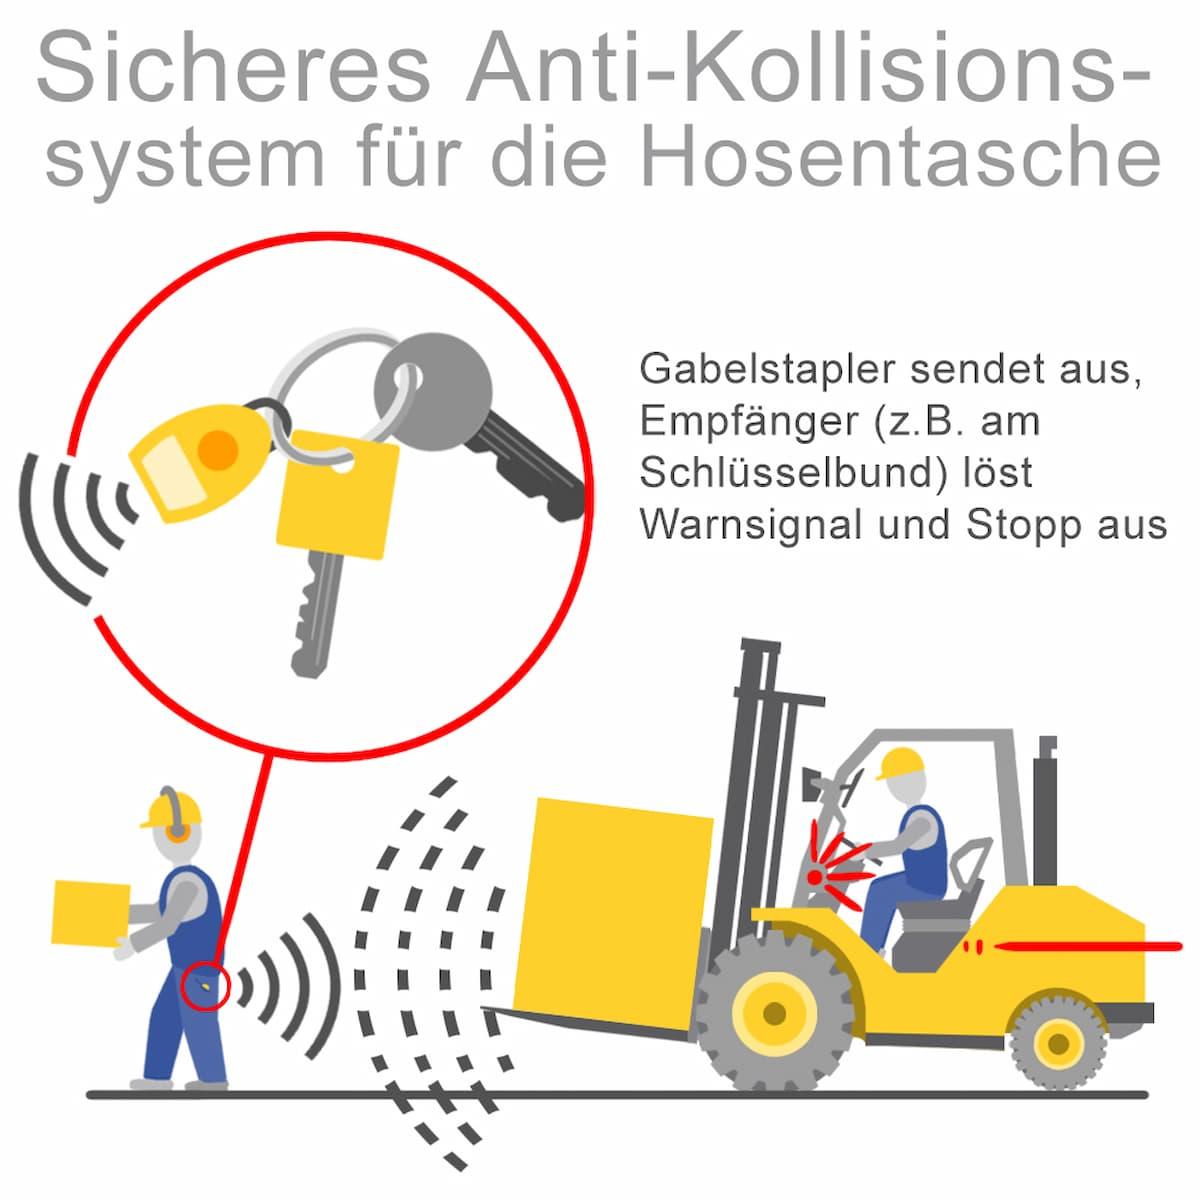 Beispiel: Sicheres Anti-Kollisions-System für die Hosentasche